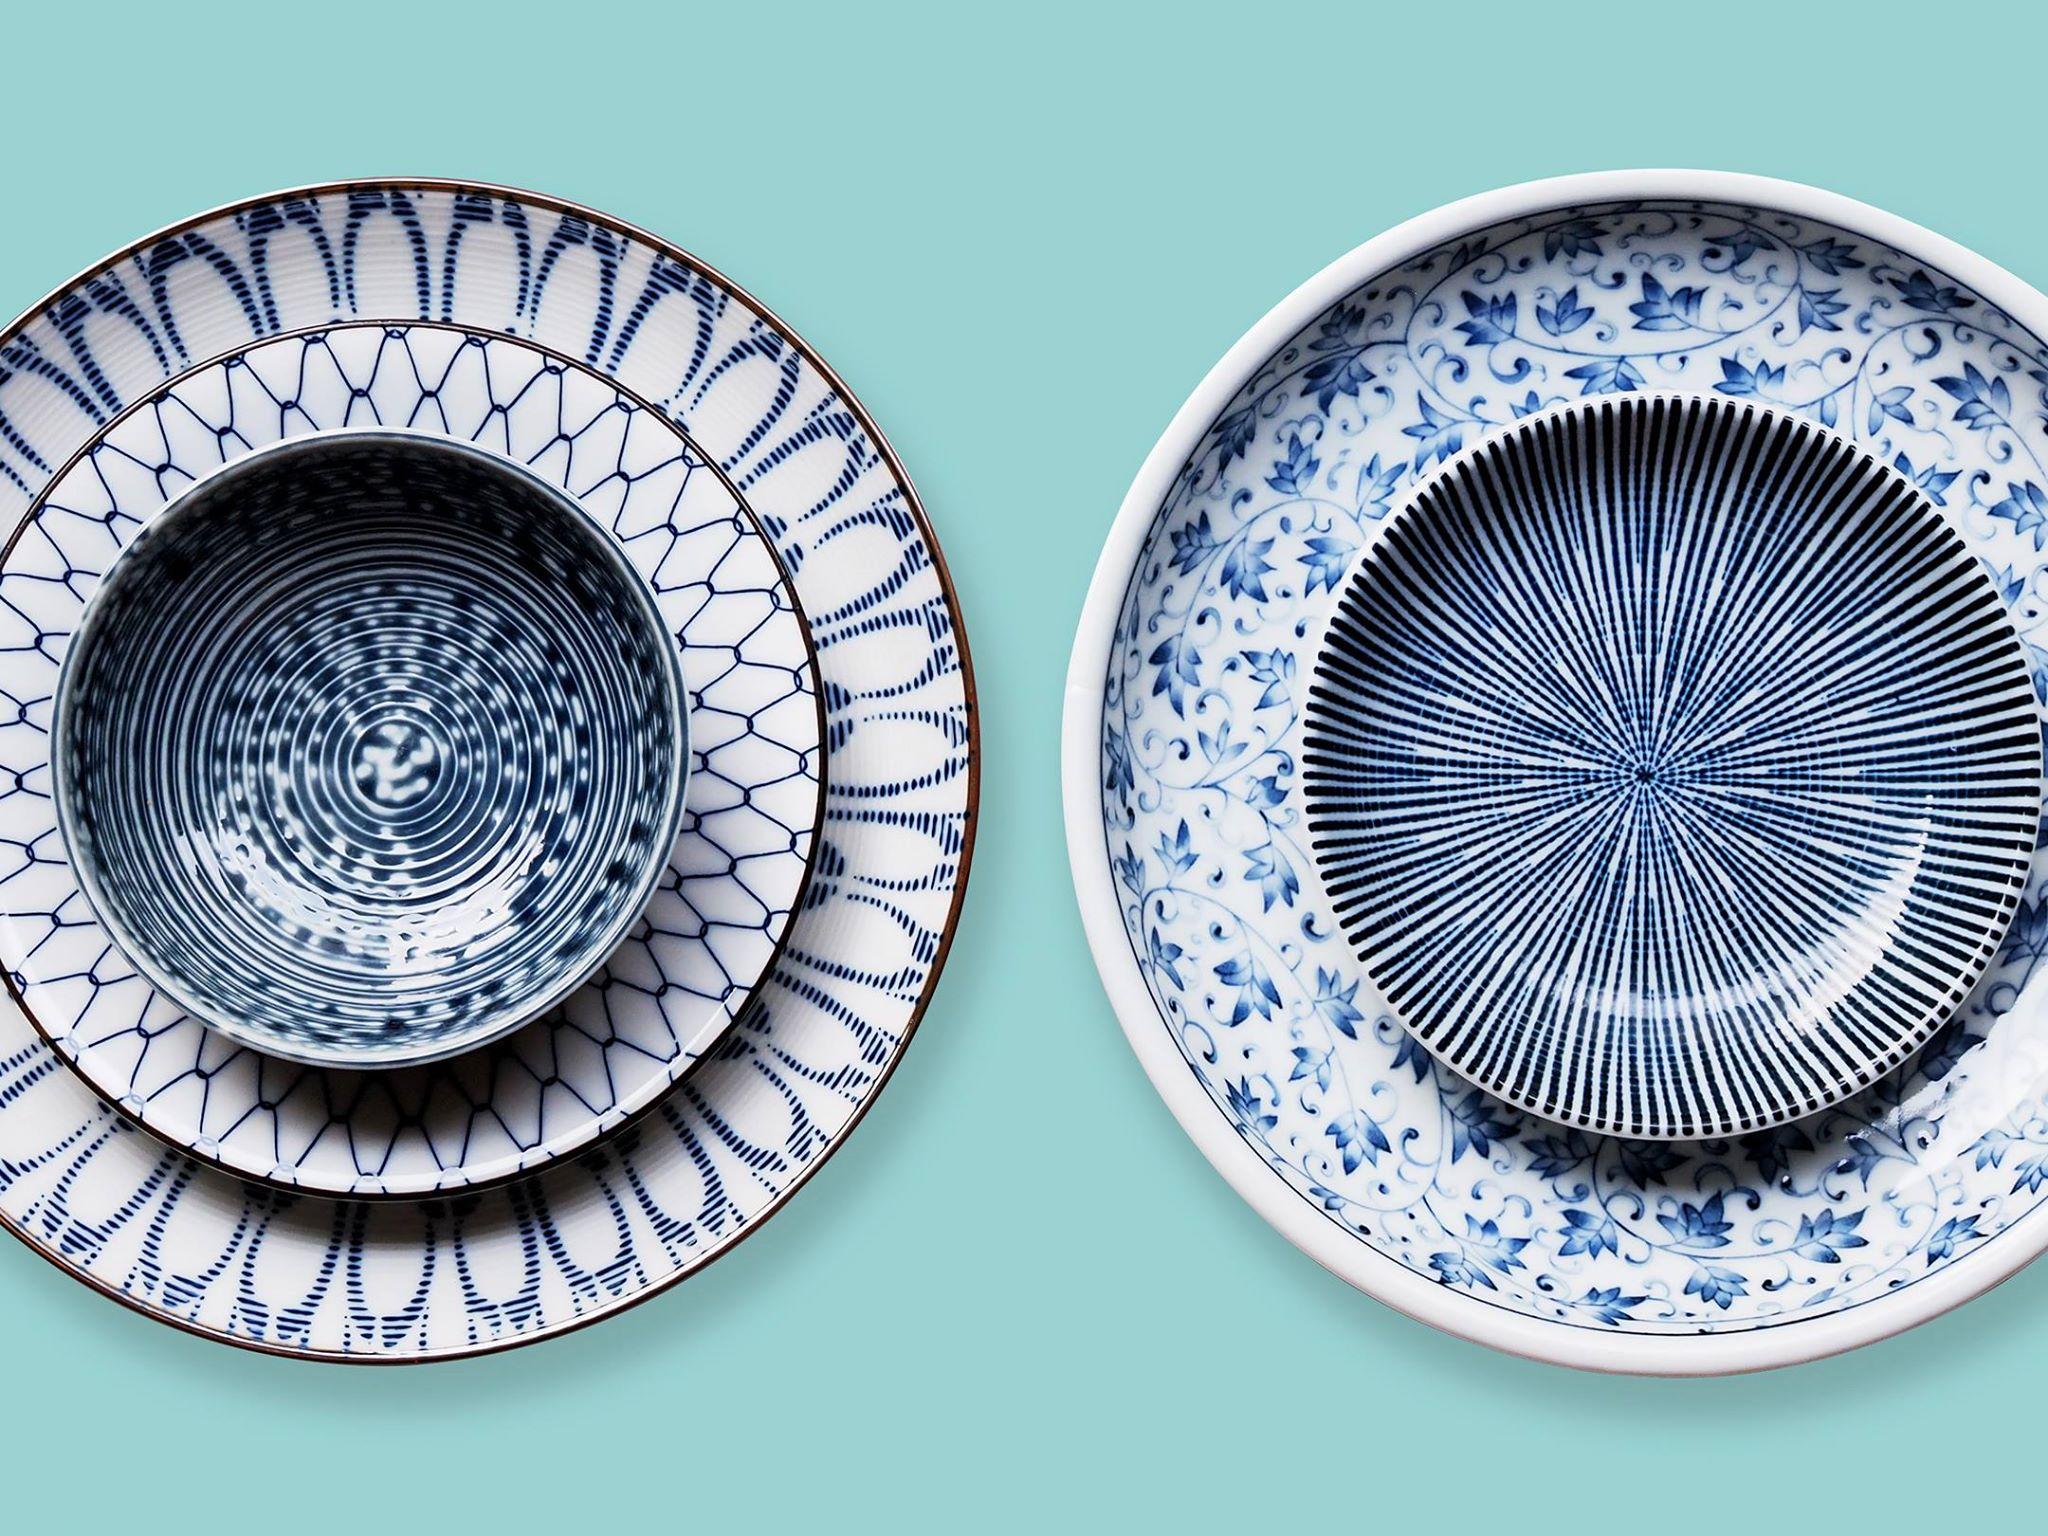 好きな器は長く使いたいから。改めて知っておきたい陶器と磁器の違い。